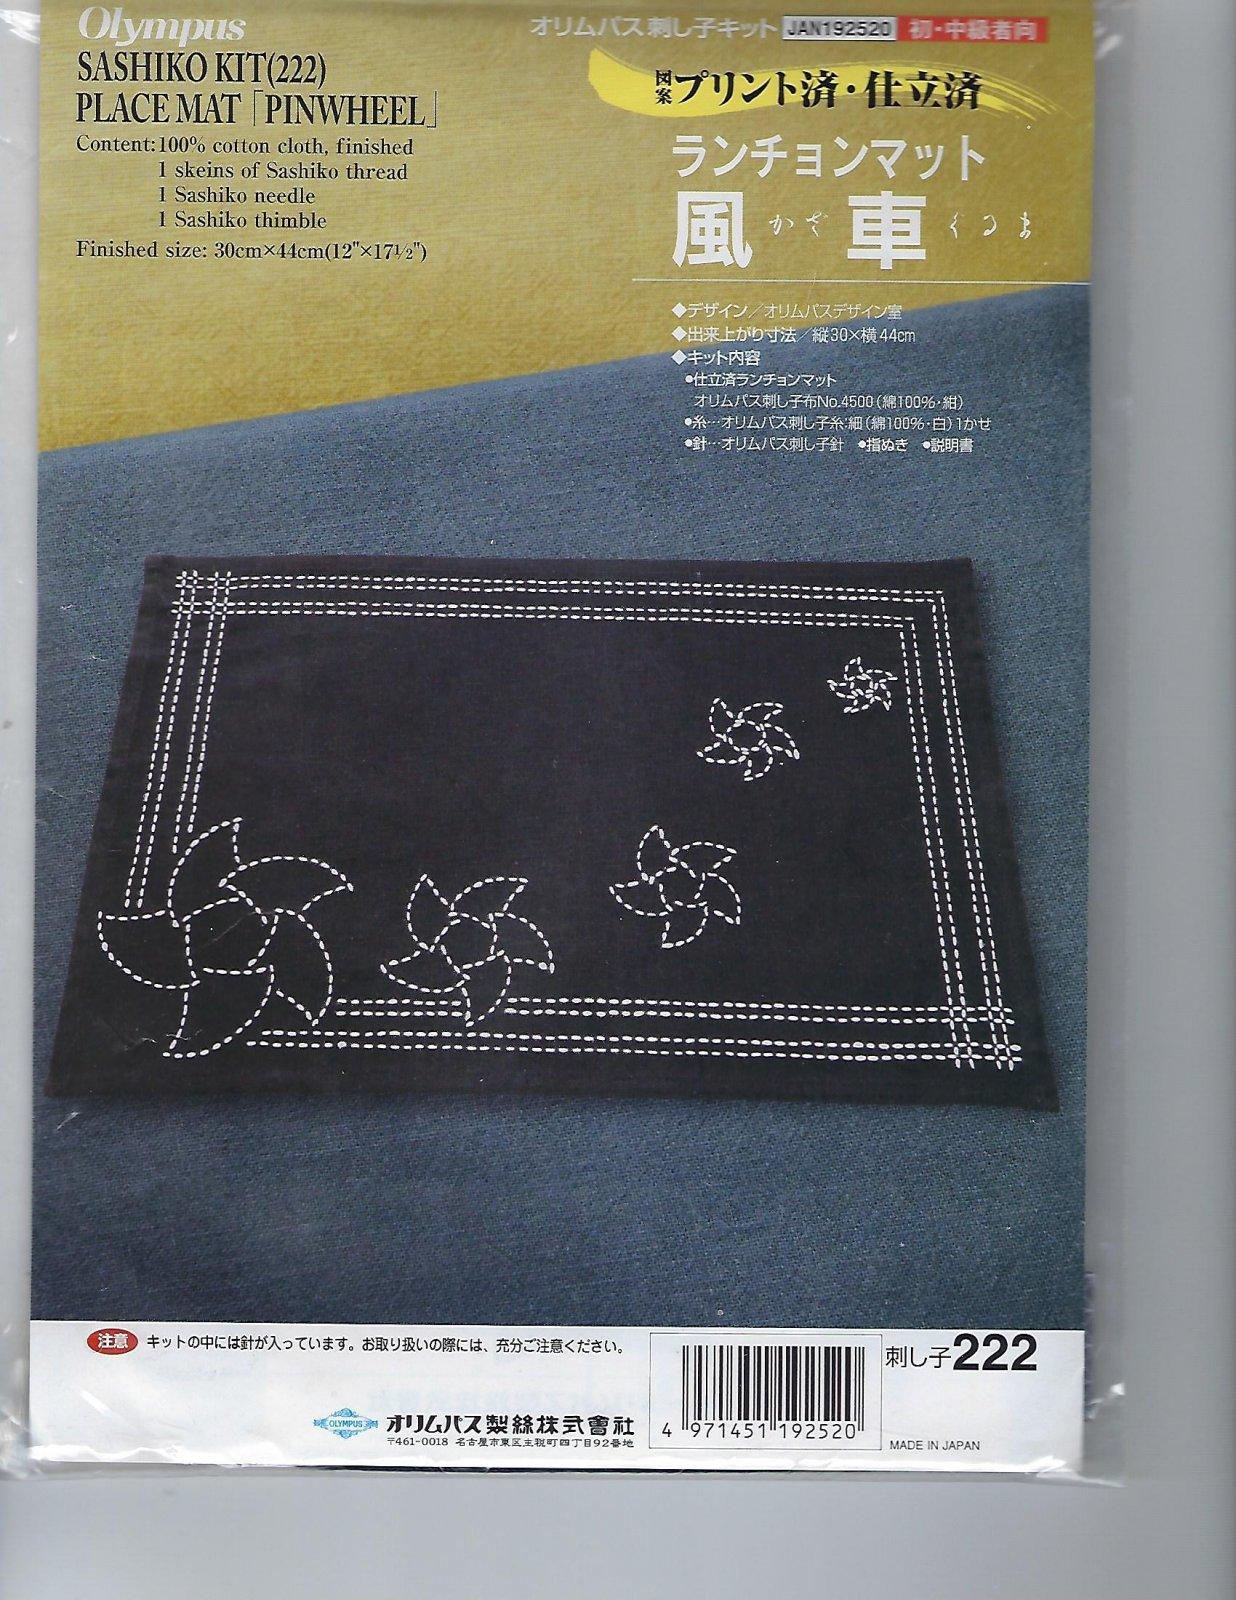 Pinwheel Placemat Sashiko Kit